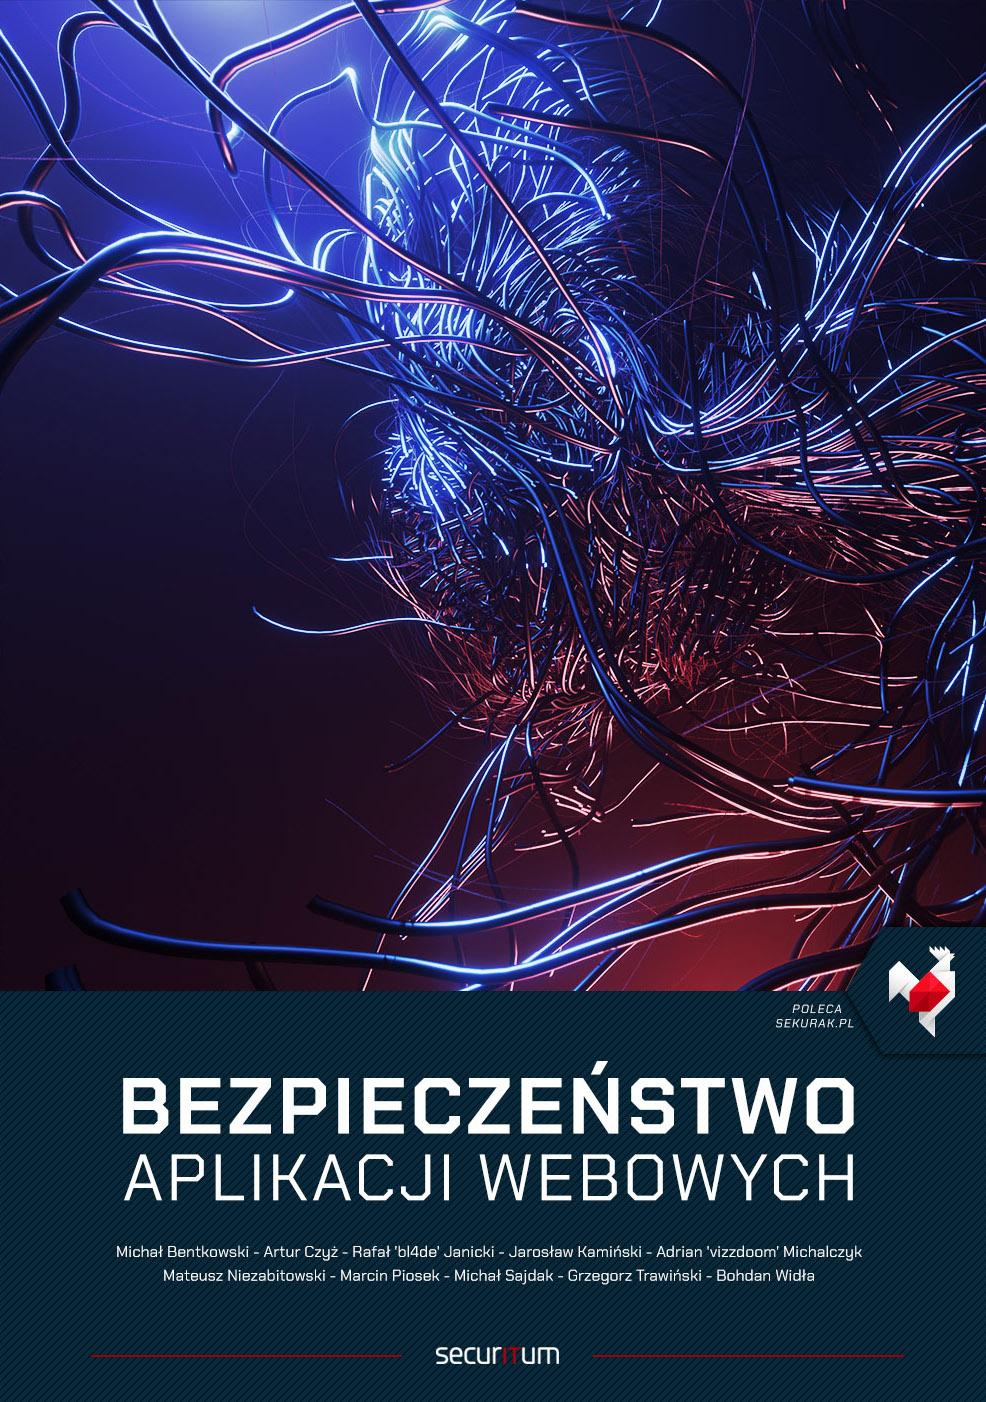 Bezpieczeństwo aplikacji webowych (pdf/epub/mobi) - ebook od Sekurak